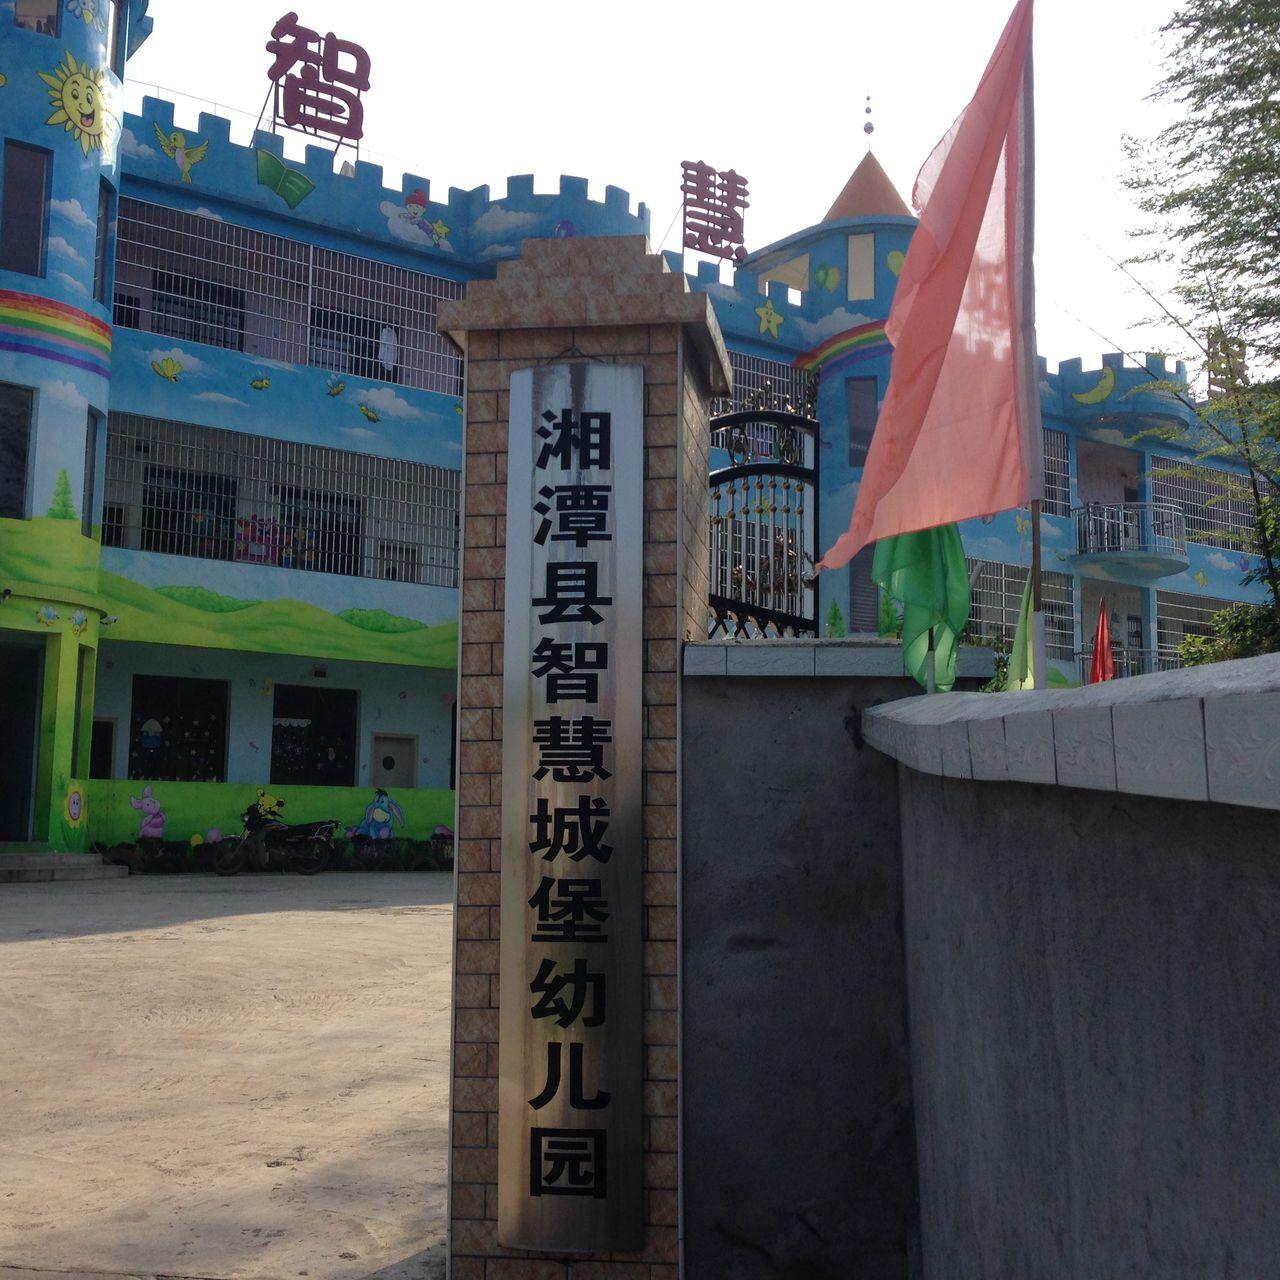 湘潭县  地址(位置,怎么去,怎么走):  中路铺枧桥村x021石潭坝中心